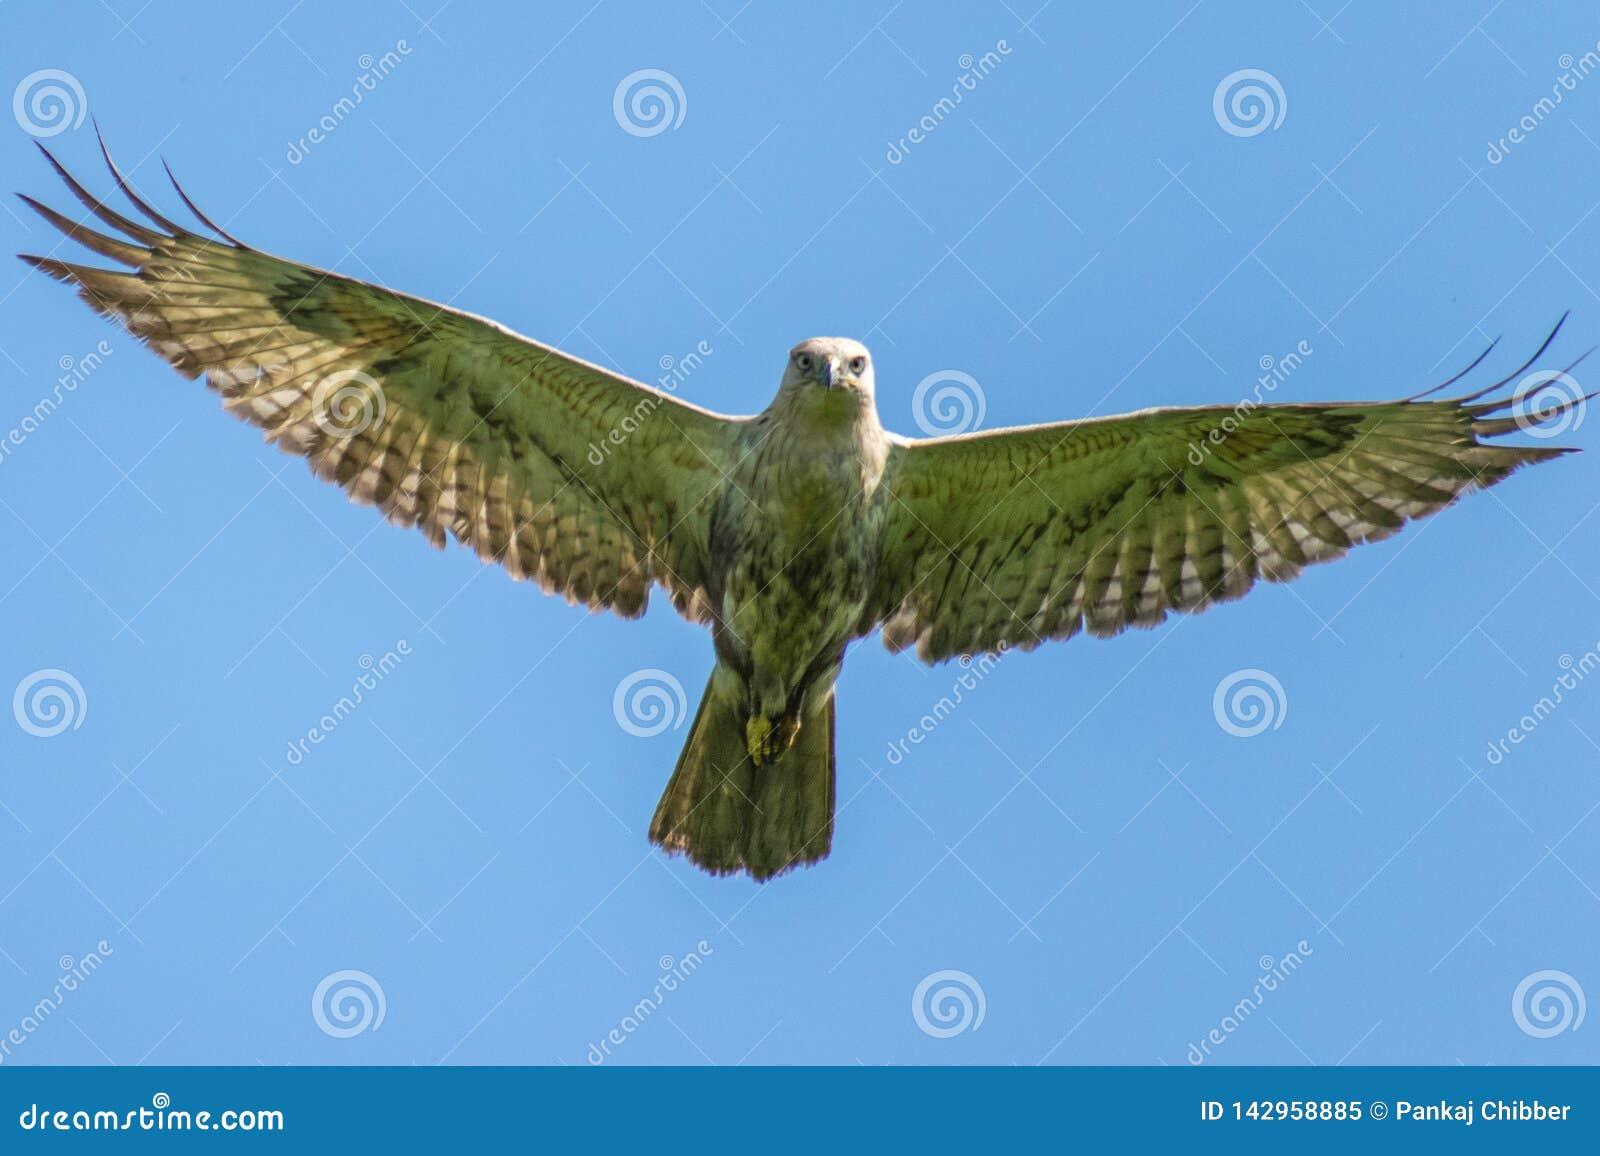 Halcón de la altiplanicie en vuelo